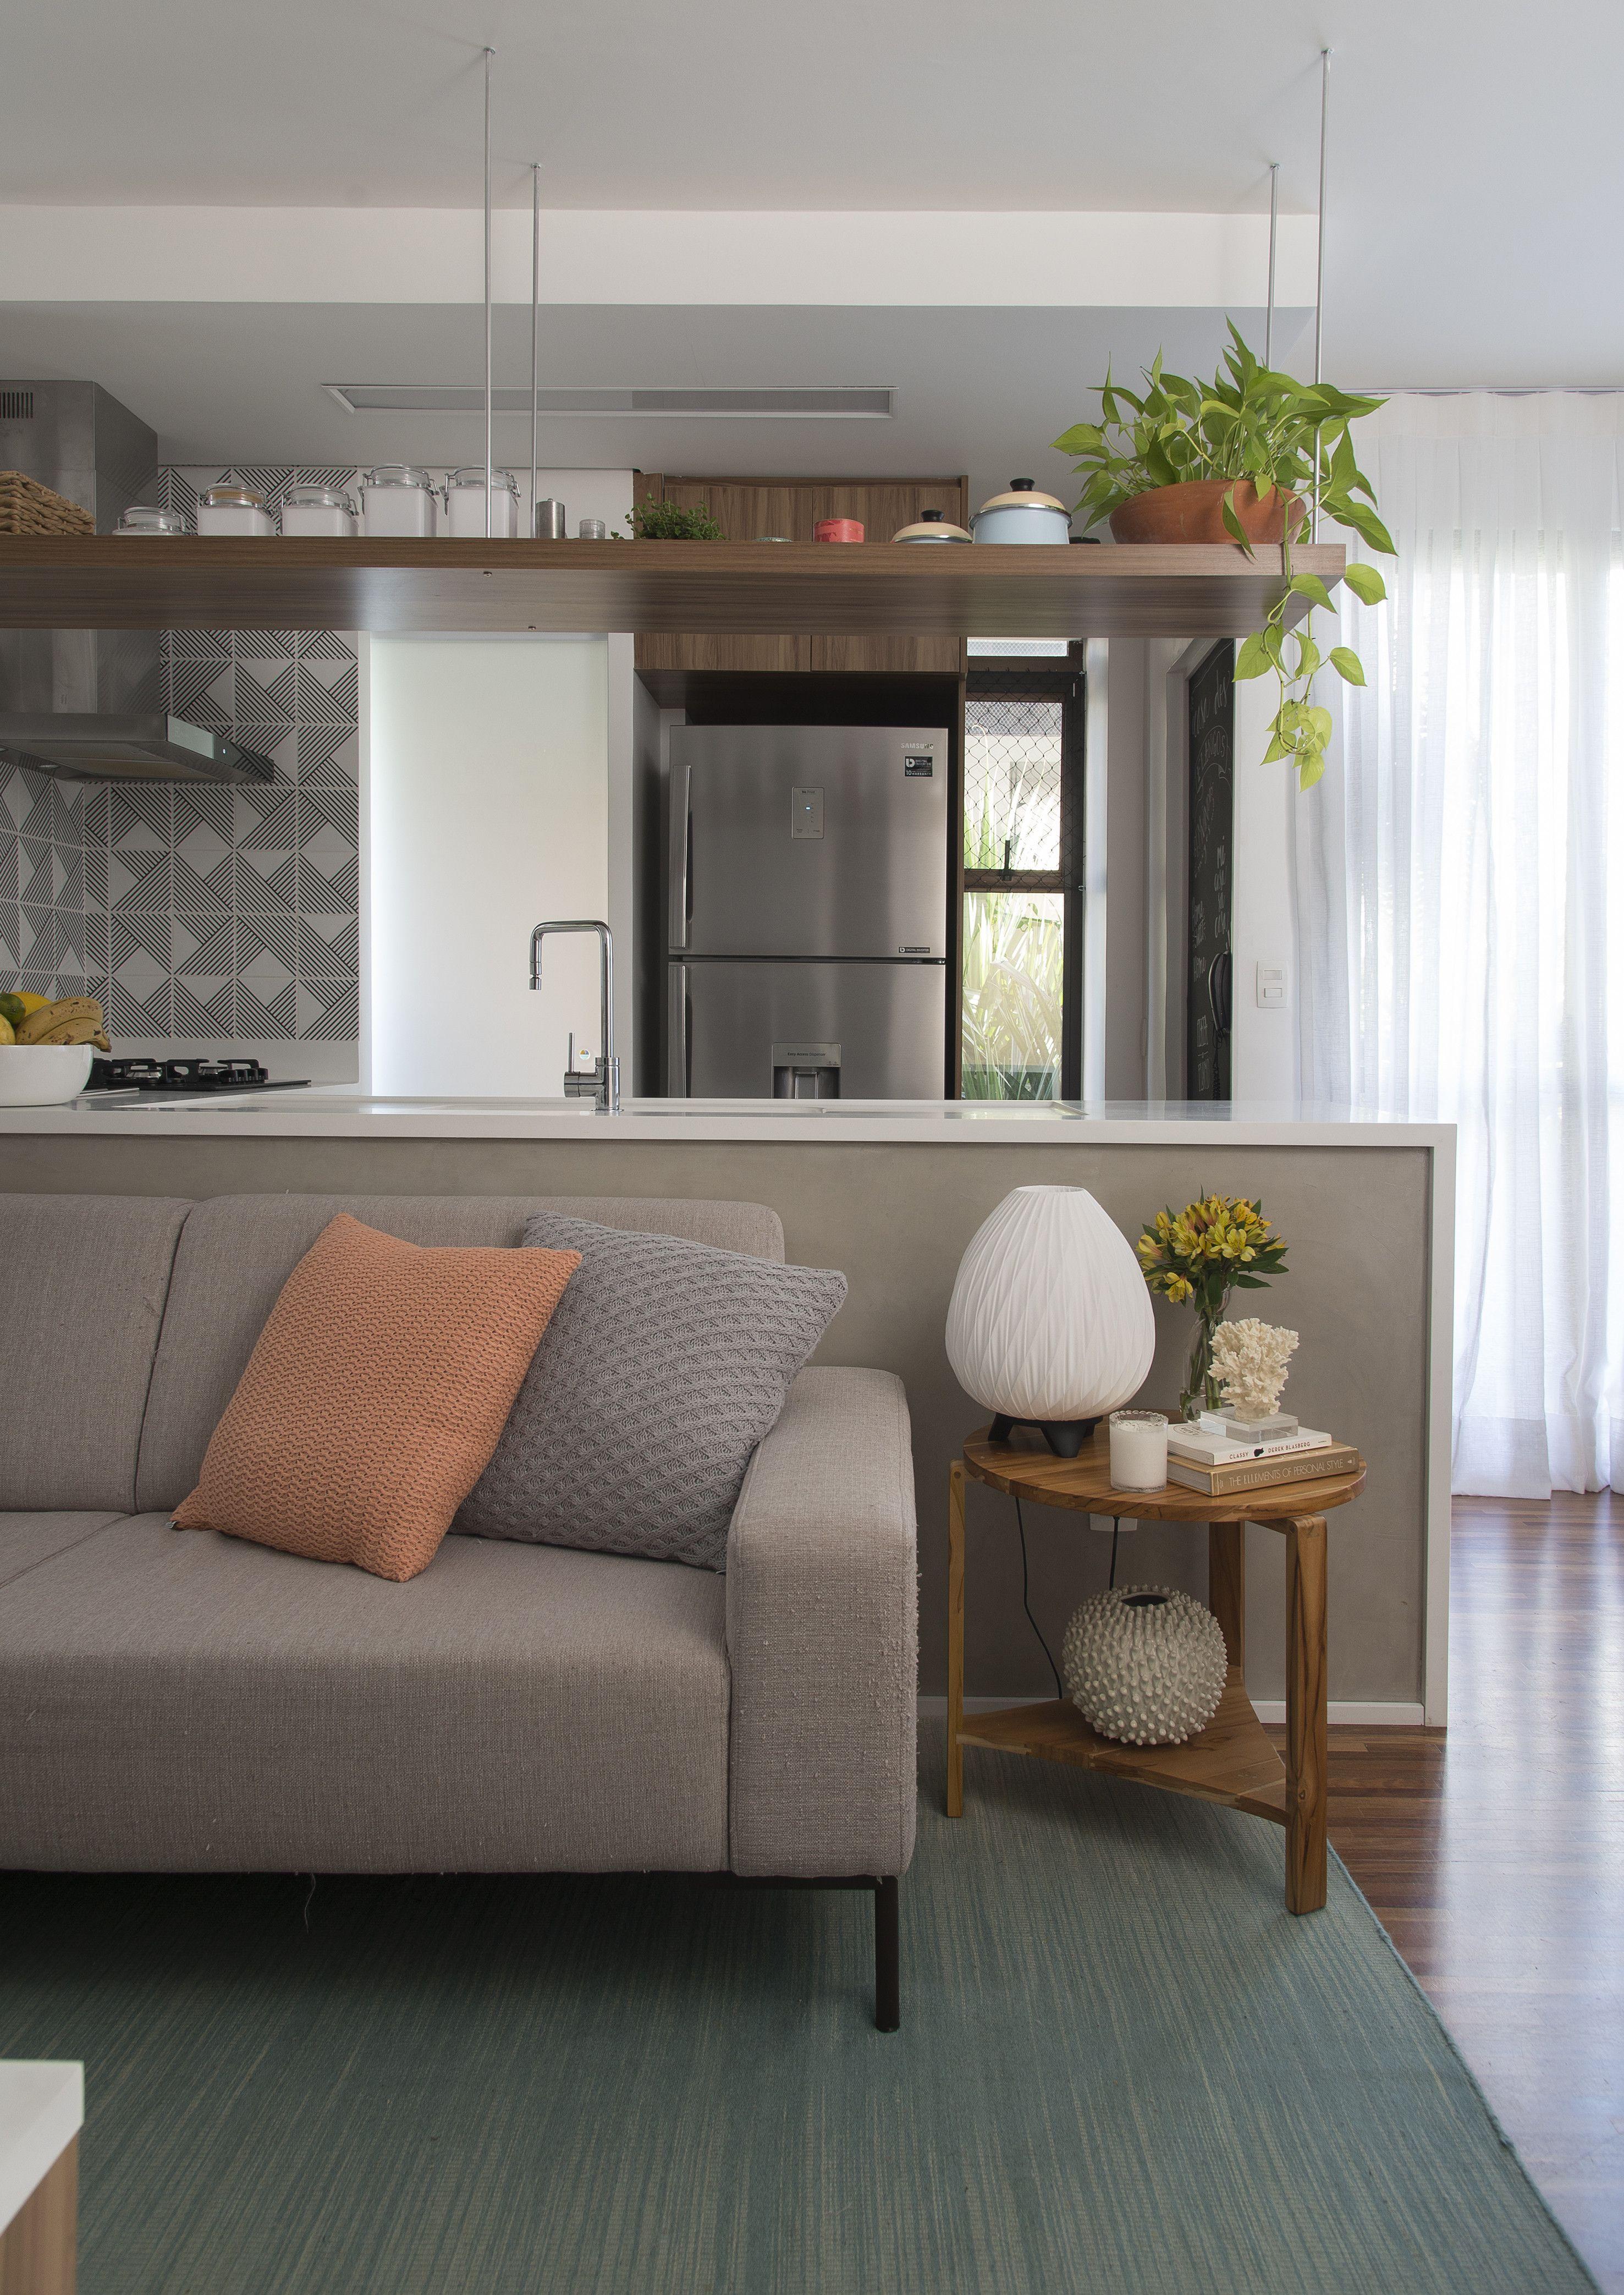 Sp Estudio Jurupis Tijolo Branco Prateleira Suspensa Madeira  ~ Bancada Divisoria Sala Cozinha